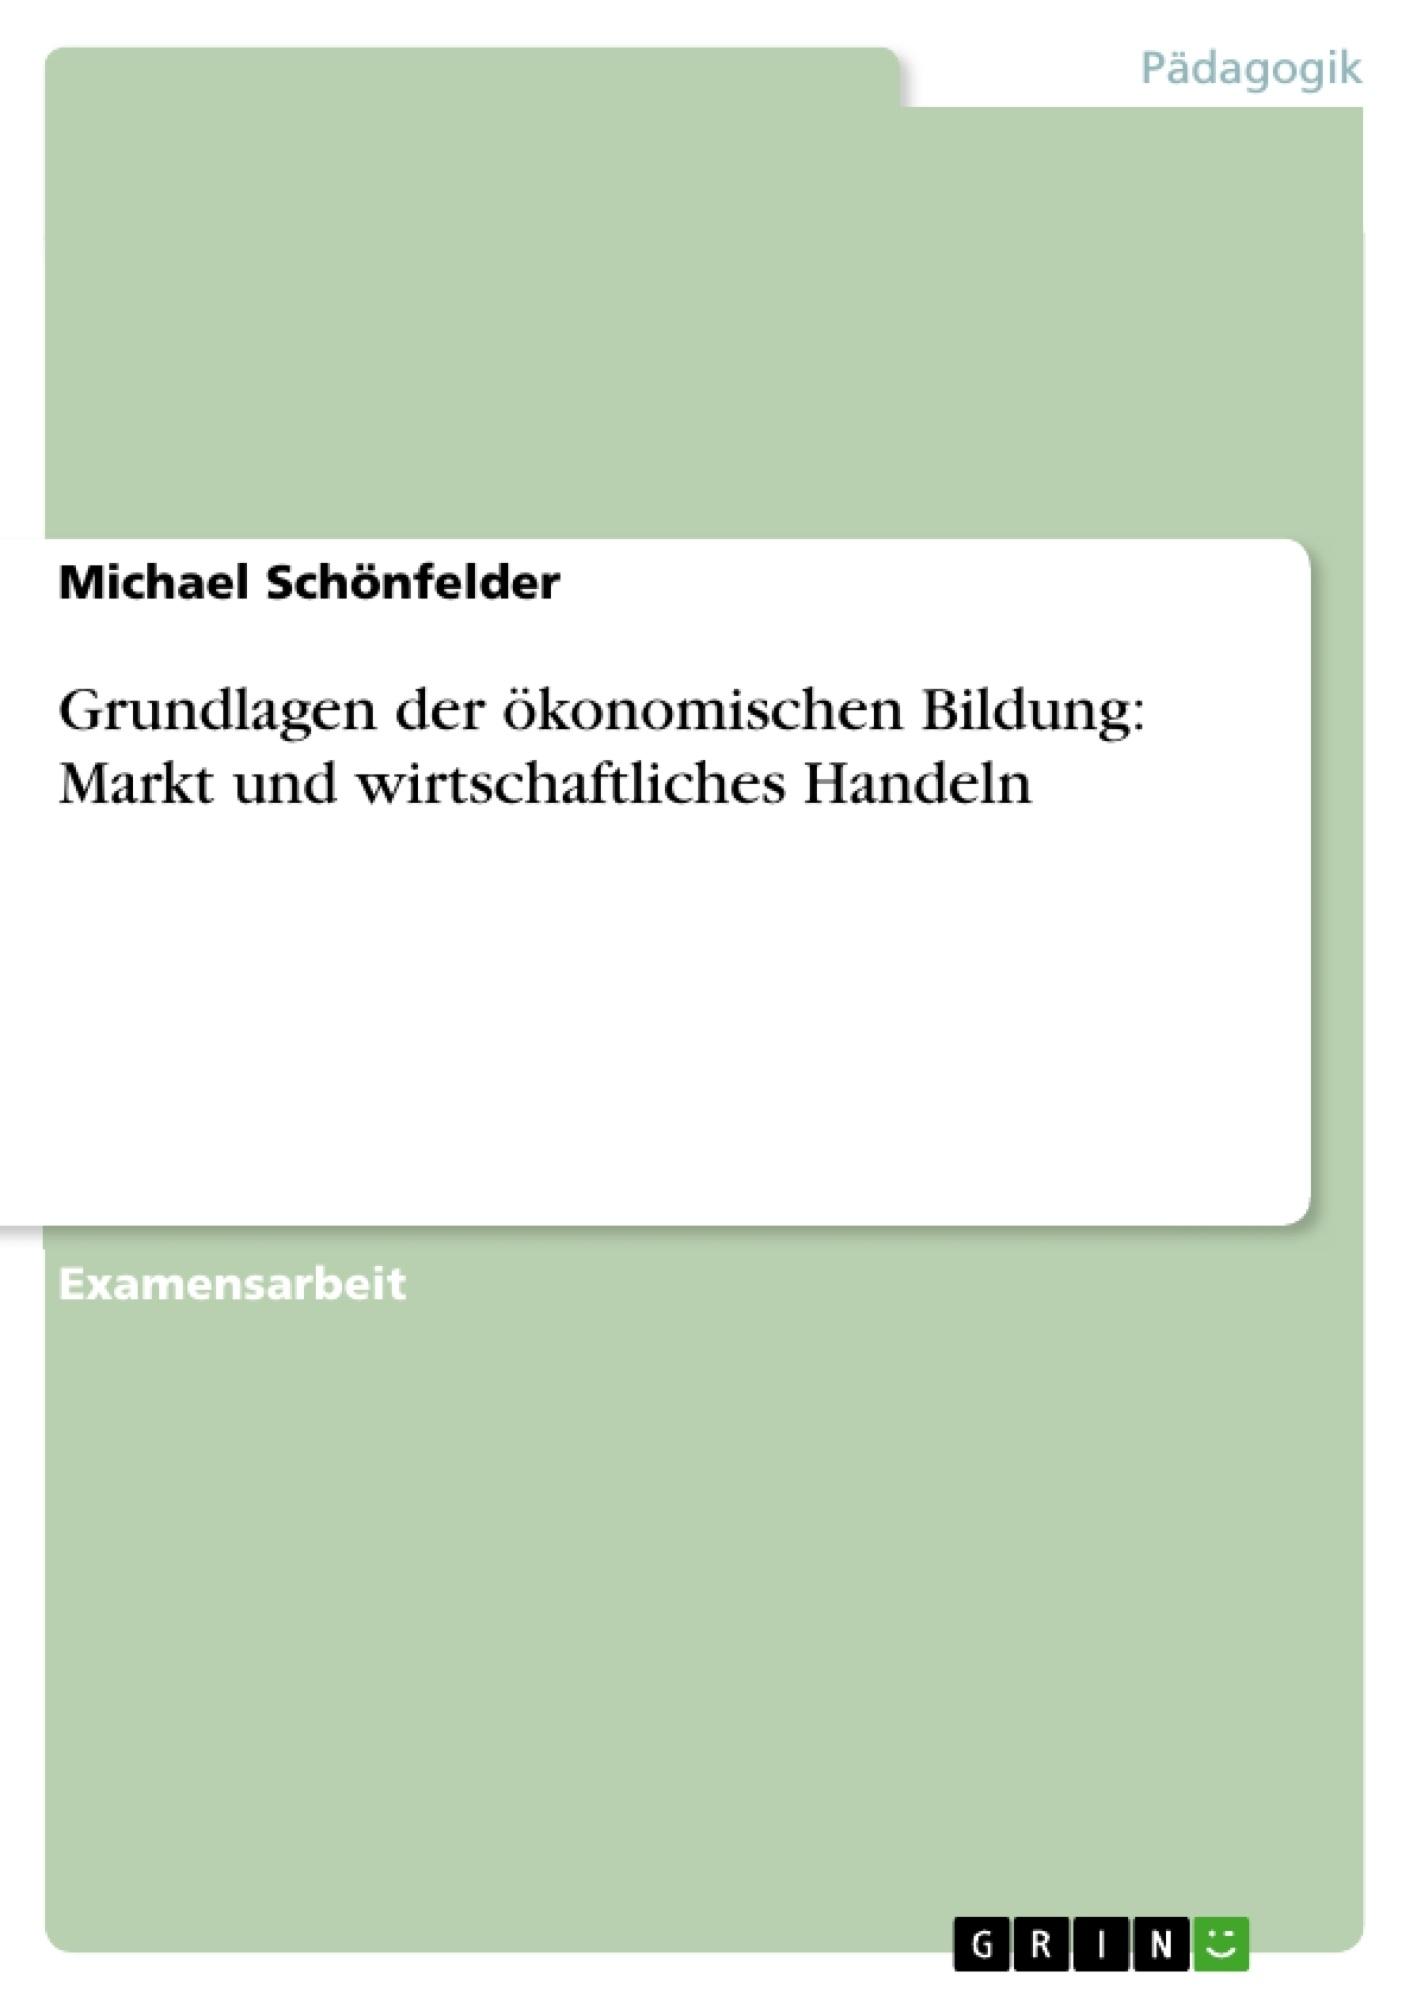 Titel: Grundlagen der ökonomischen Bildung: Markt und wirtschaftliches Handeln